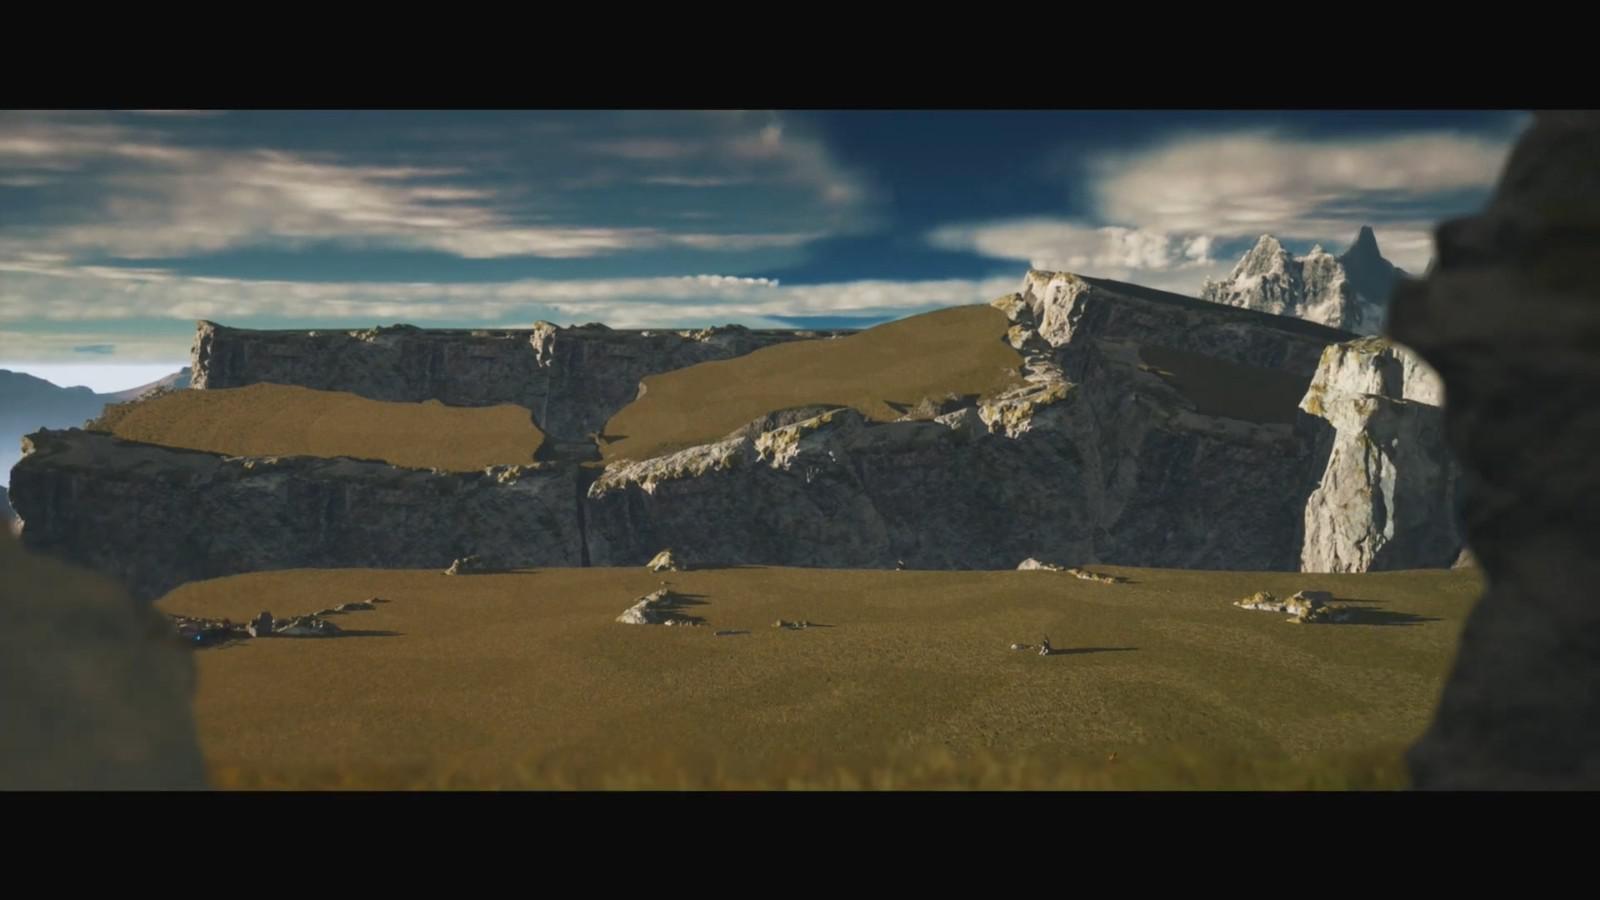 煥然一新 玩家用虛幻4自制《最終幻想10》展示